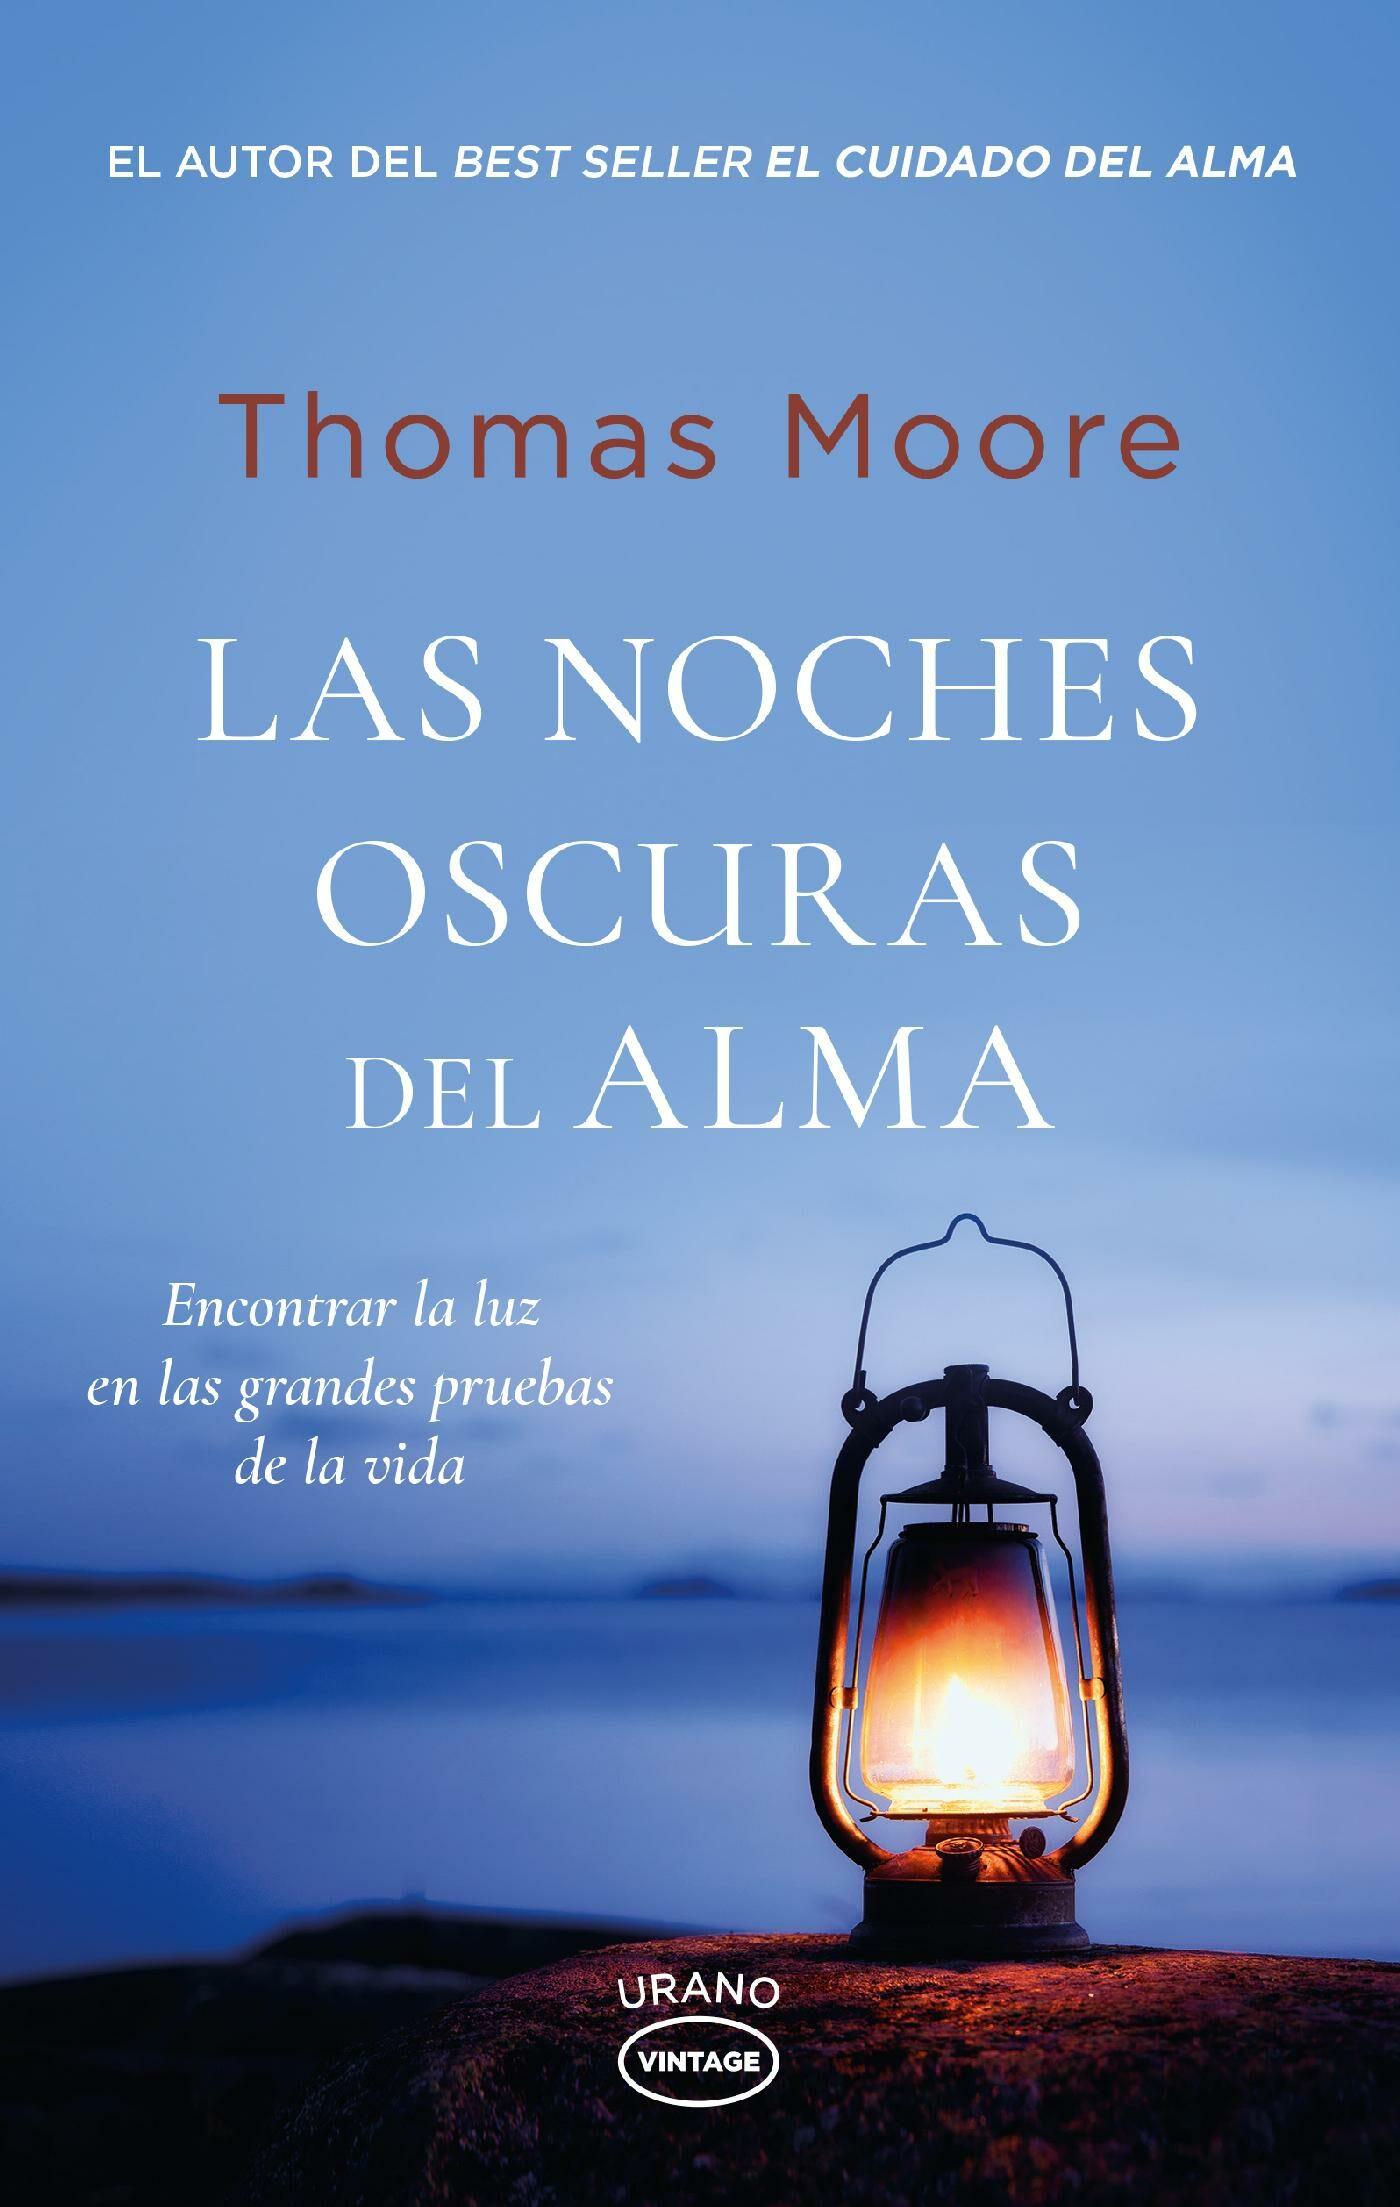 Las noches oscuras del alma ebook thomas moore descargar libro jpg  1400x2208 Clinica del alma para 7a84a2e16ed8